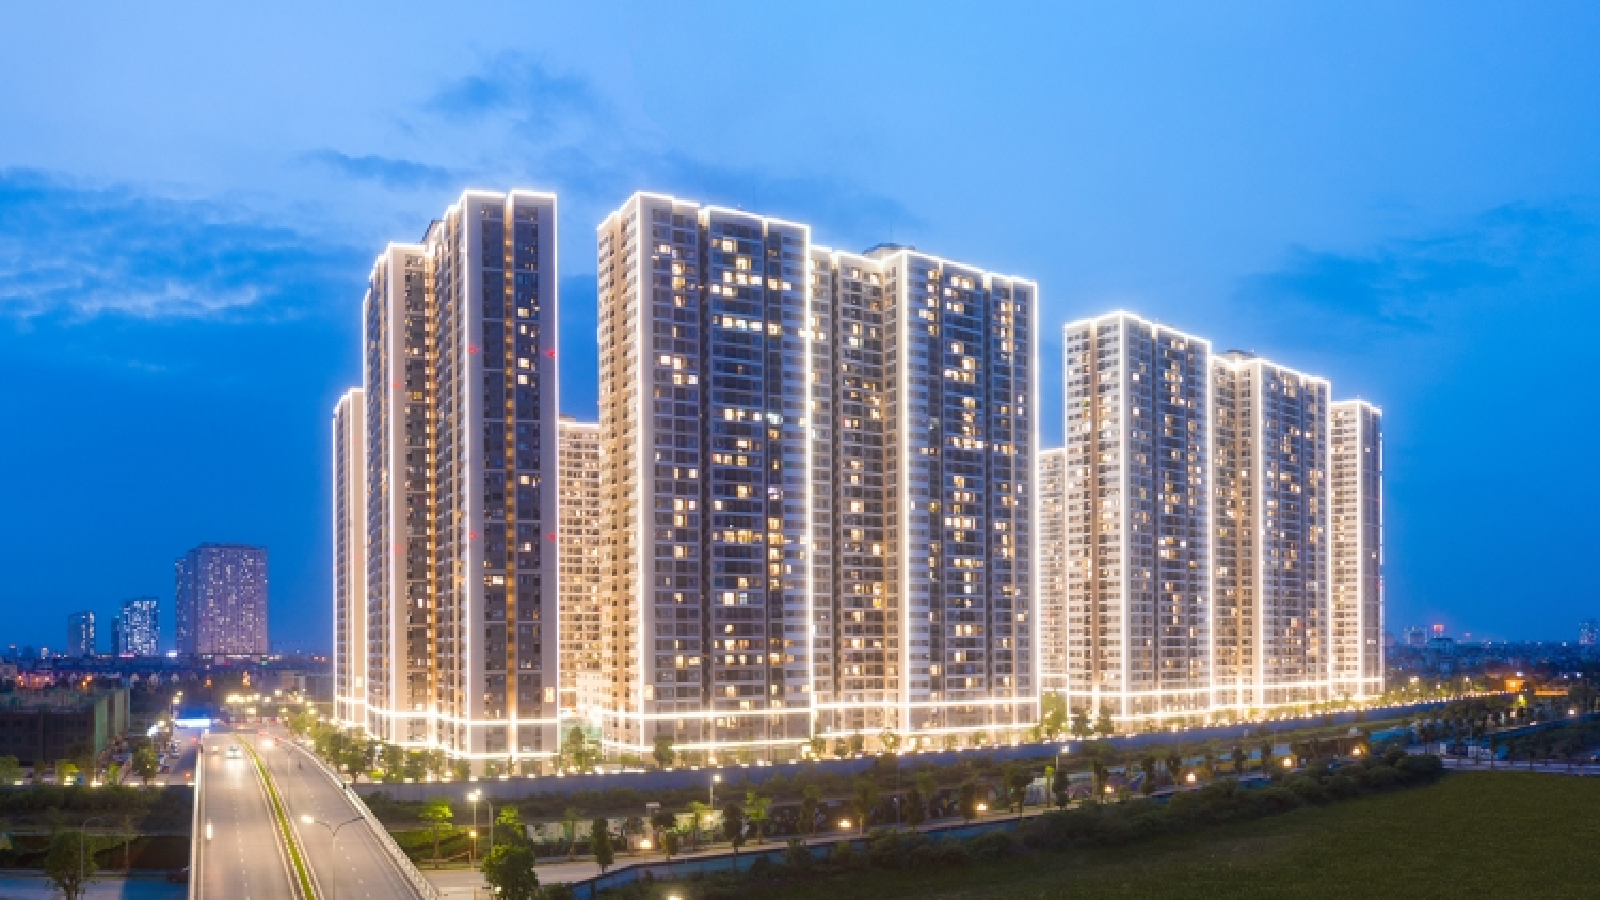 Đại đô thị quốc tế phía Tây Hà Nội hút dòng khách thuê ngoại